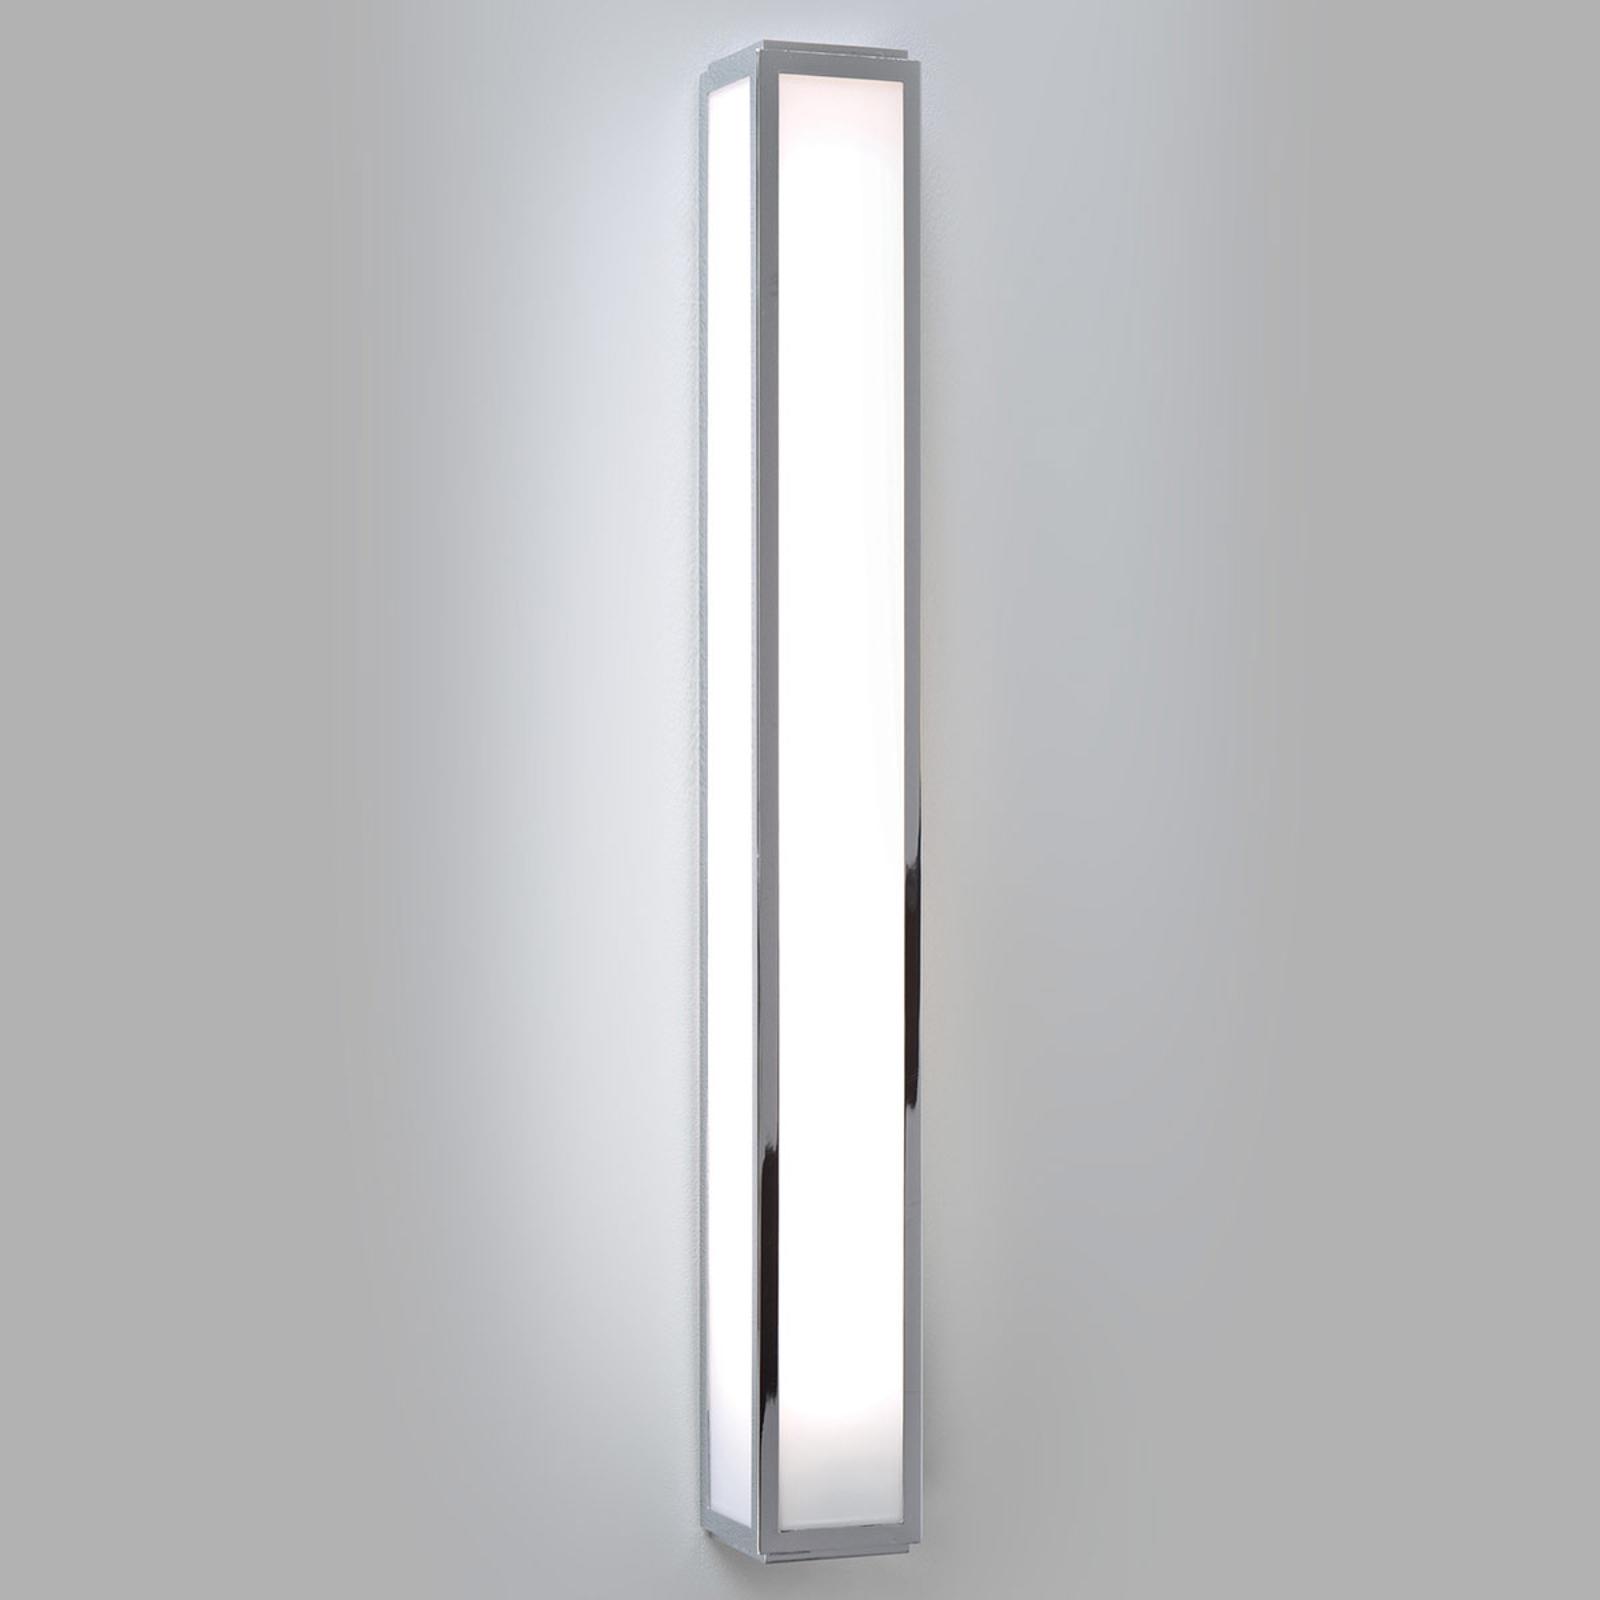 Applique lineare MASHIKO 600 LED